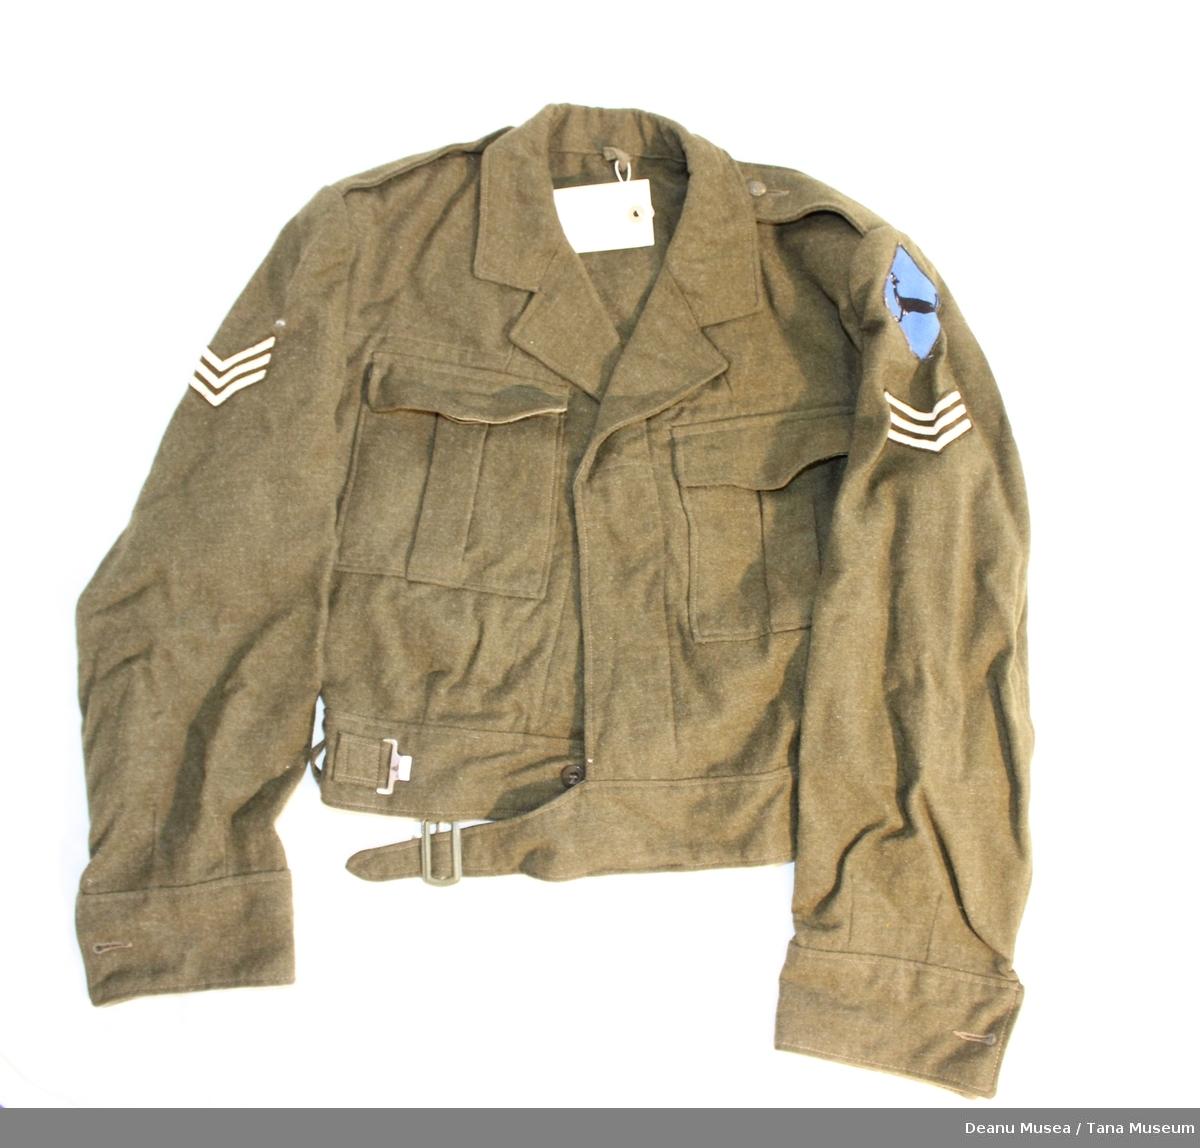 Uniformsjakke i vadmel med sersjant distinksjoner på skuldrene samt Varanger bataljonens emblem på den ene skulderen.